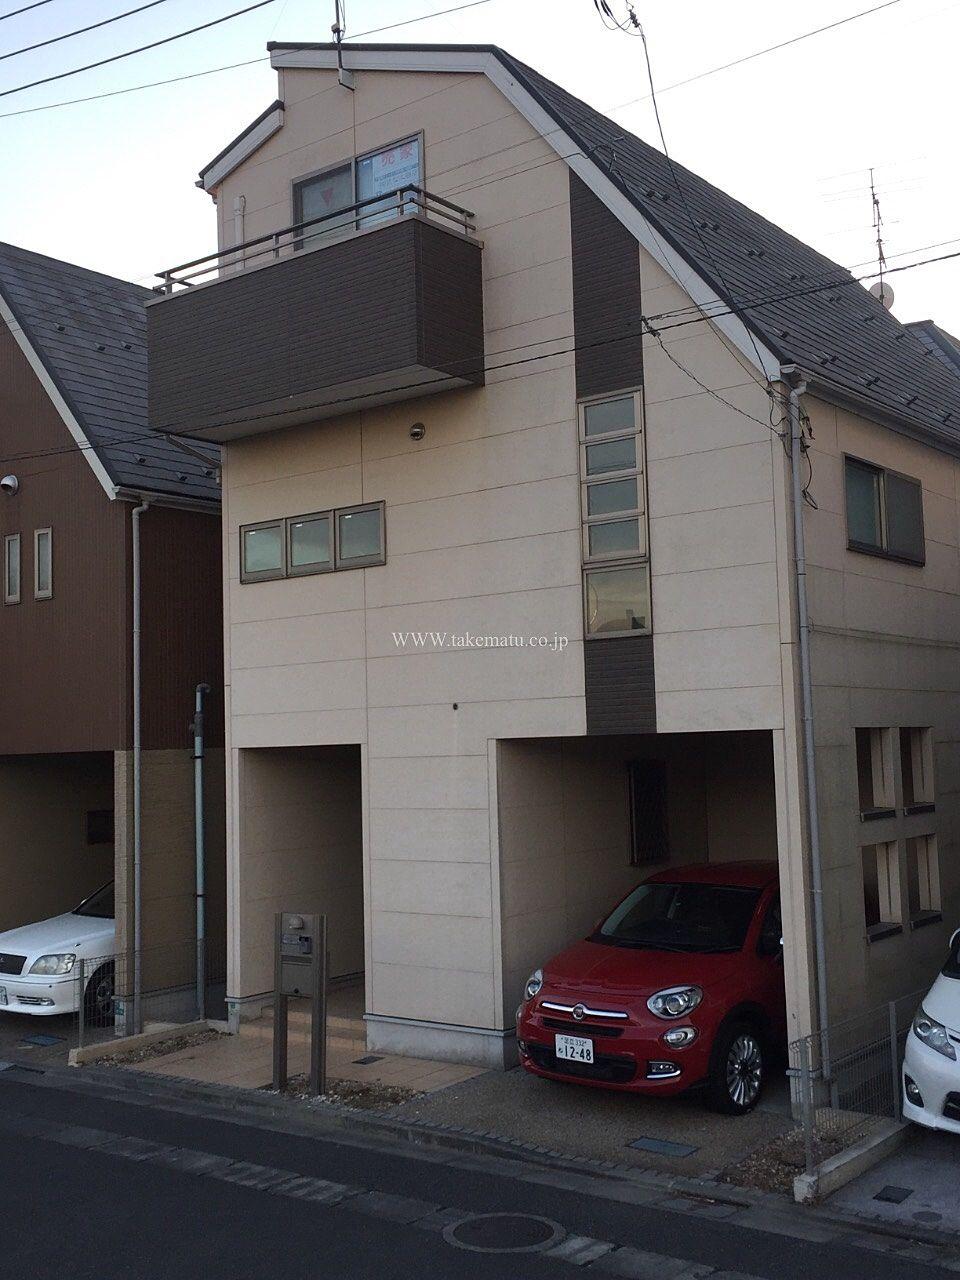 眼下に江戸川の見える開放感のある家買いませんか?